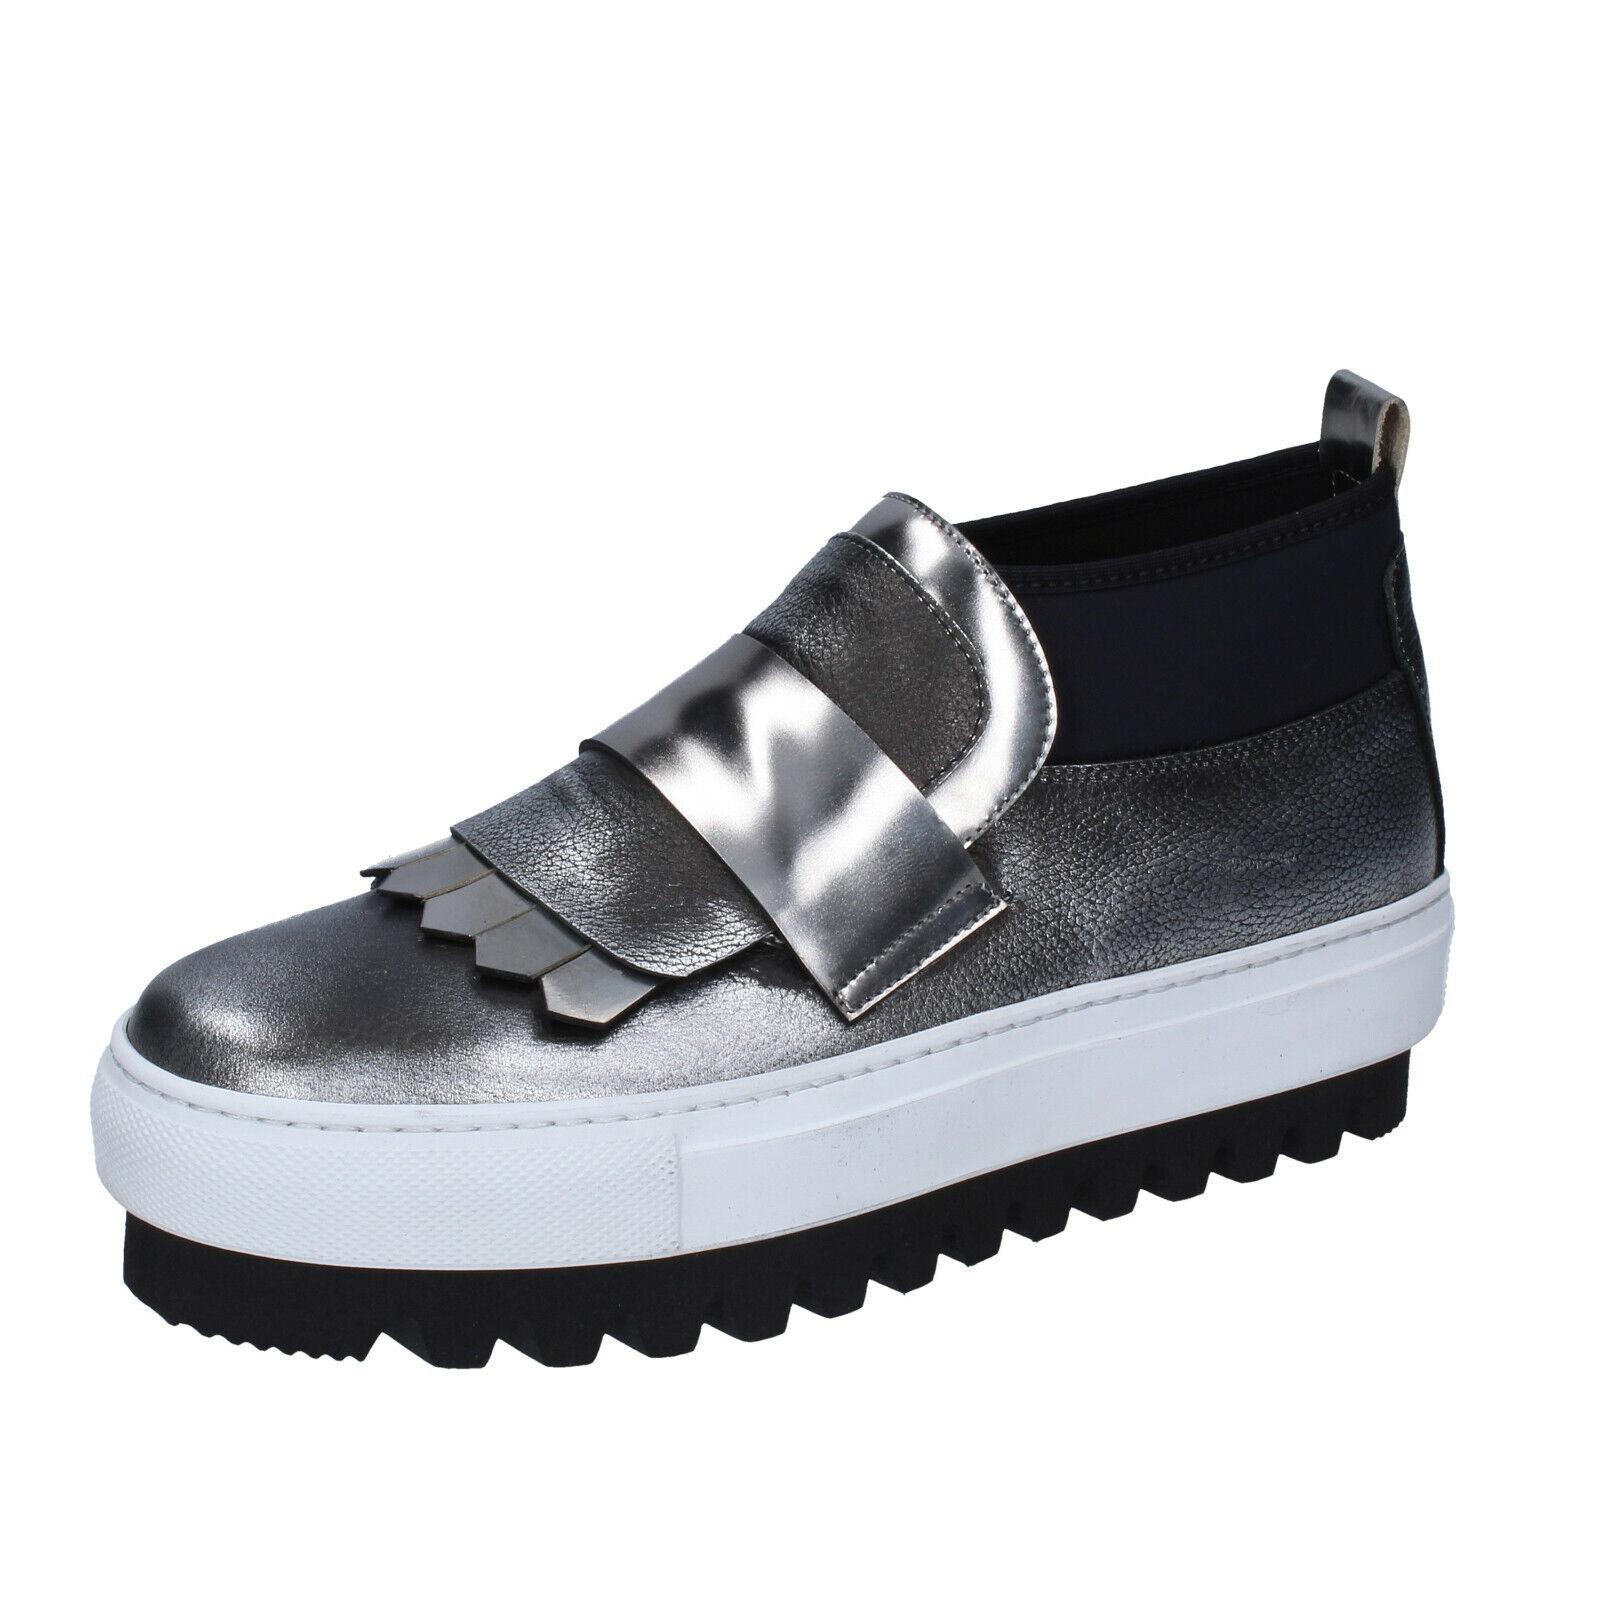 Chaussures Femmes Locker 10 (UE 40) Lacet Argent Cuir Noir BS966-40